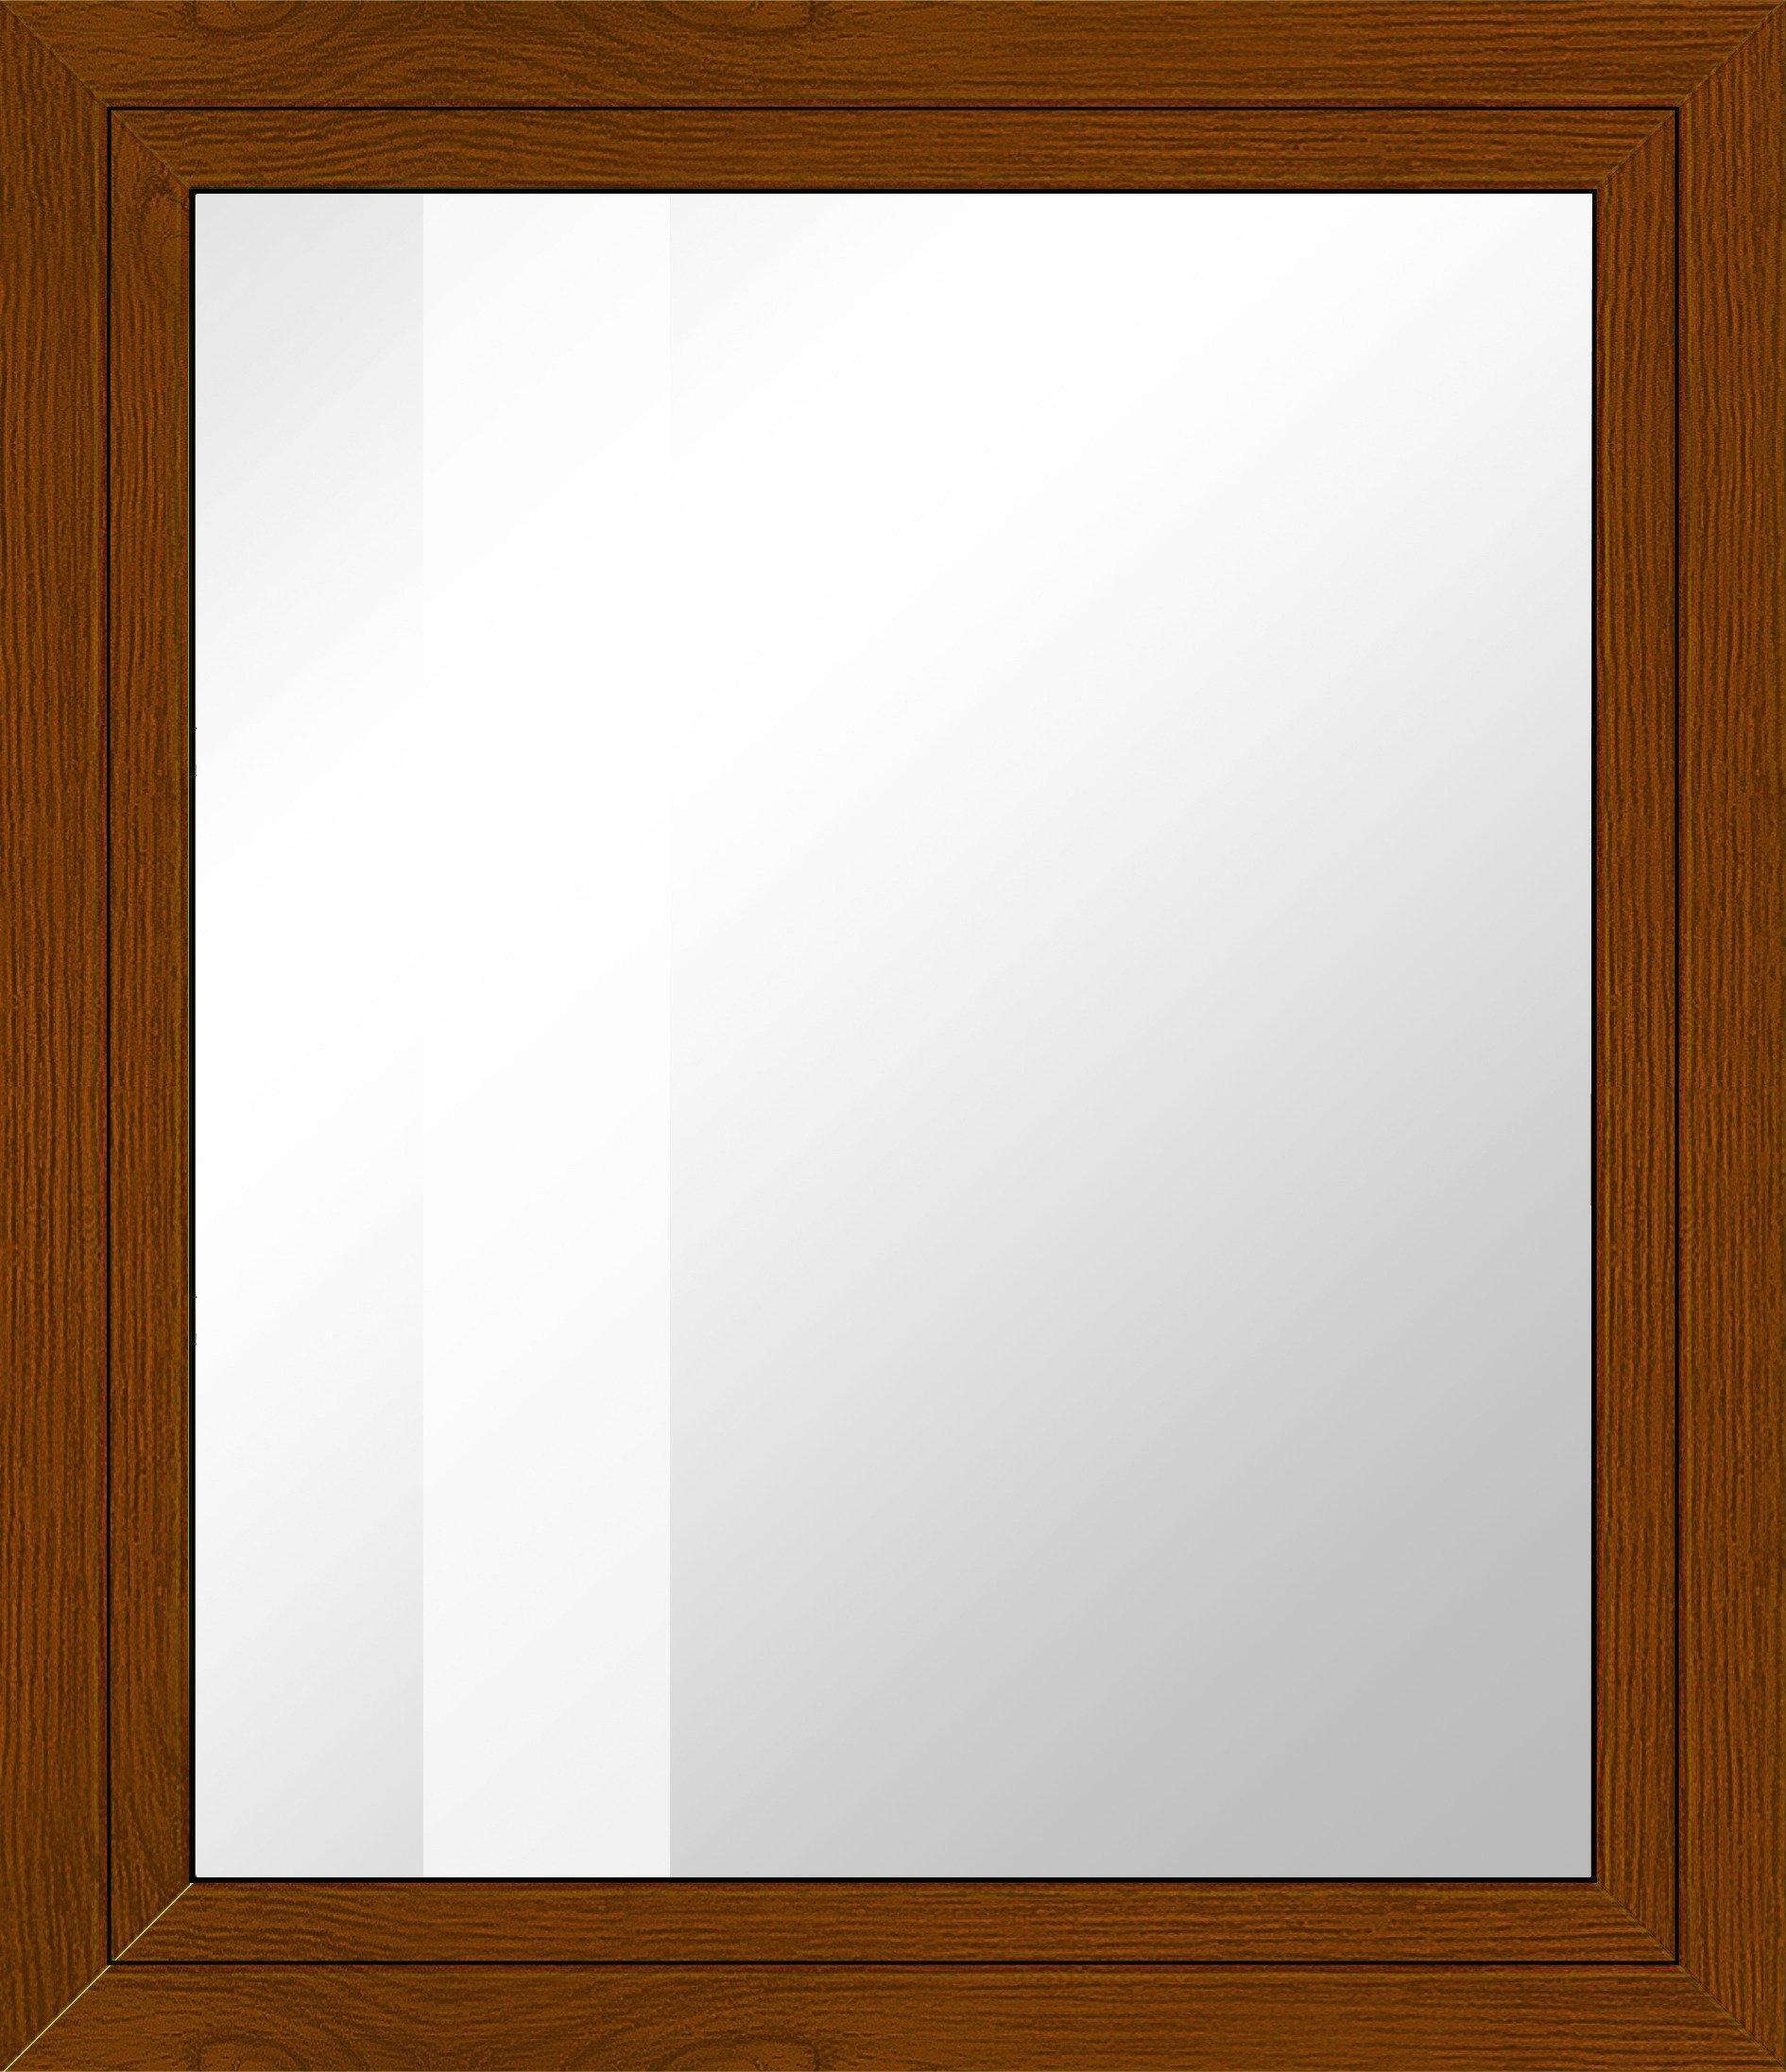 Full Size of Kunststoff Fenster Roro Classic 400 Tauschen Schüco Aluplast Velux Kaufen Sichtschutzfolie Sonnenschutz Klebefolie 3 Fach Verglasung Holz Alu Fenster Kunststoff Fenster